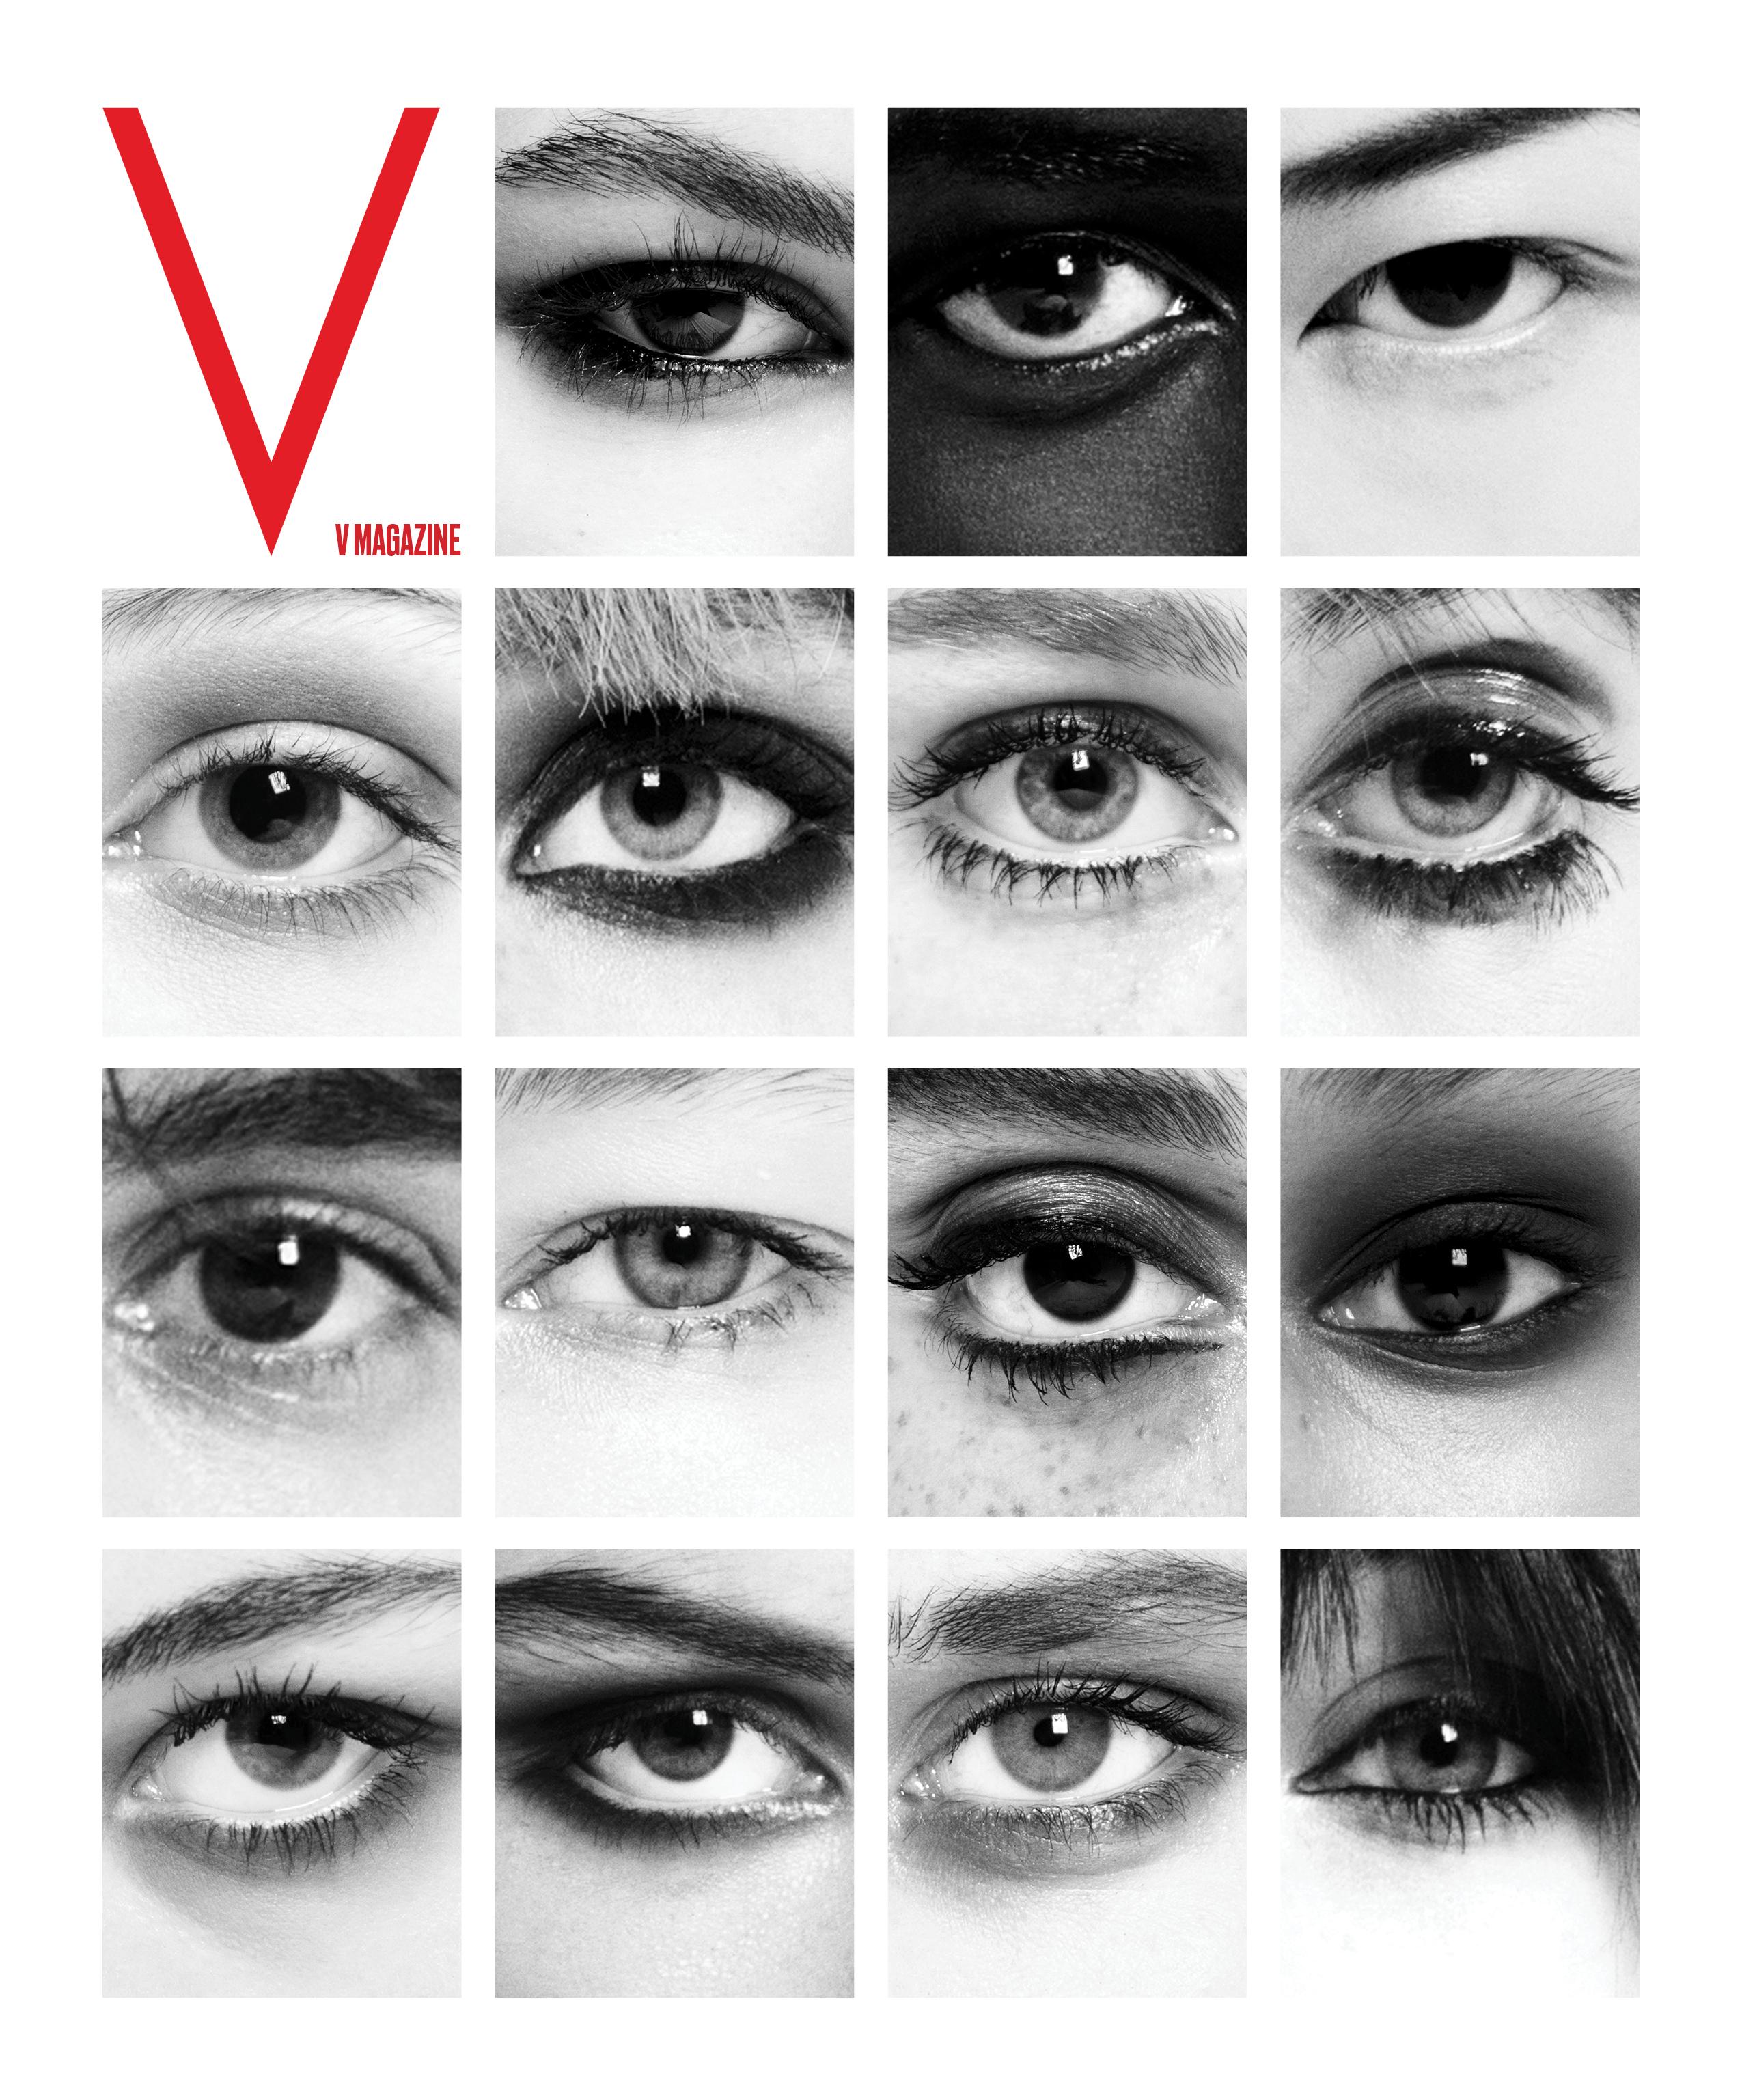 V Magazine teaser.